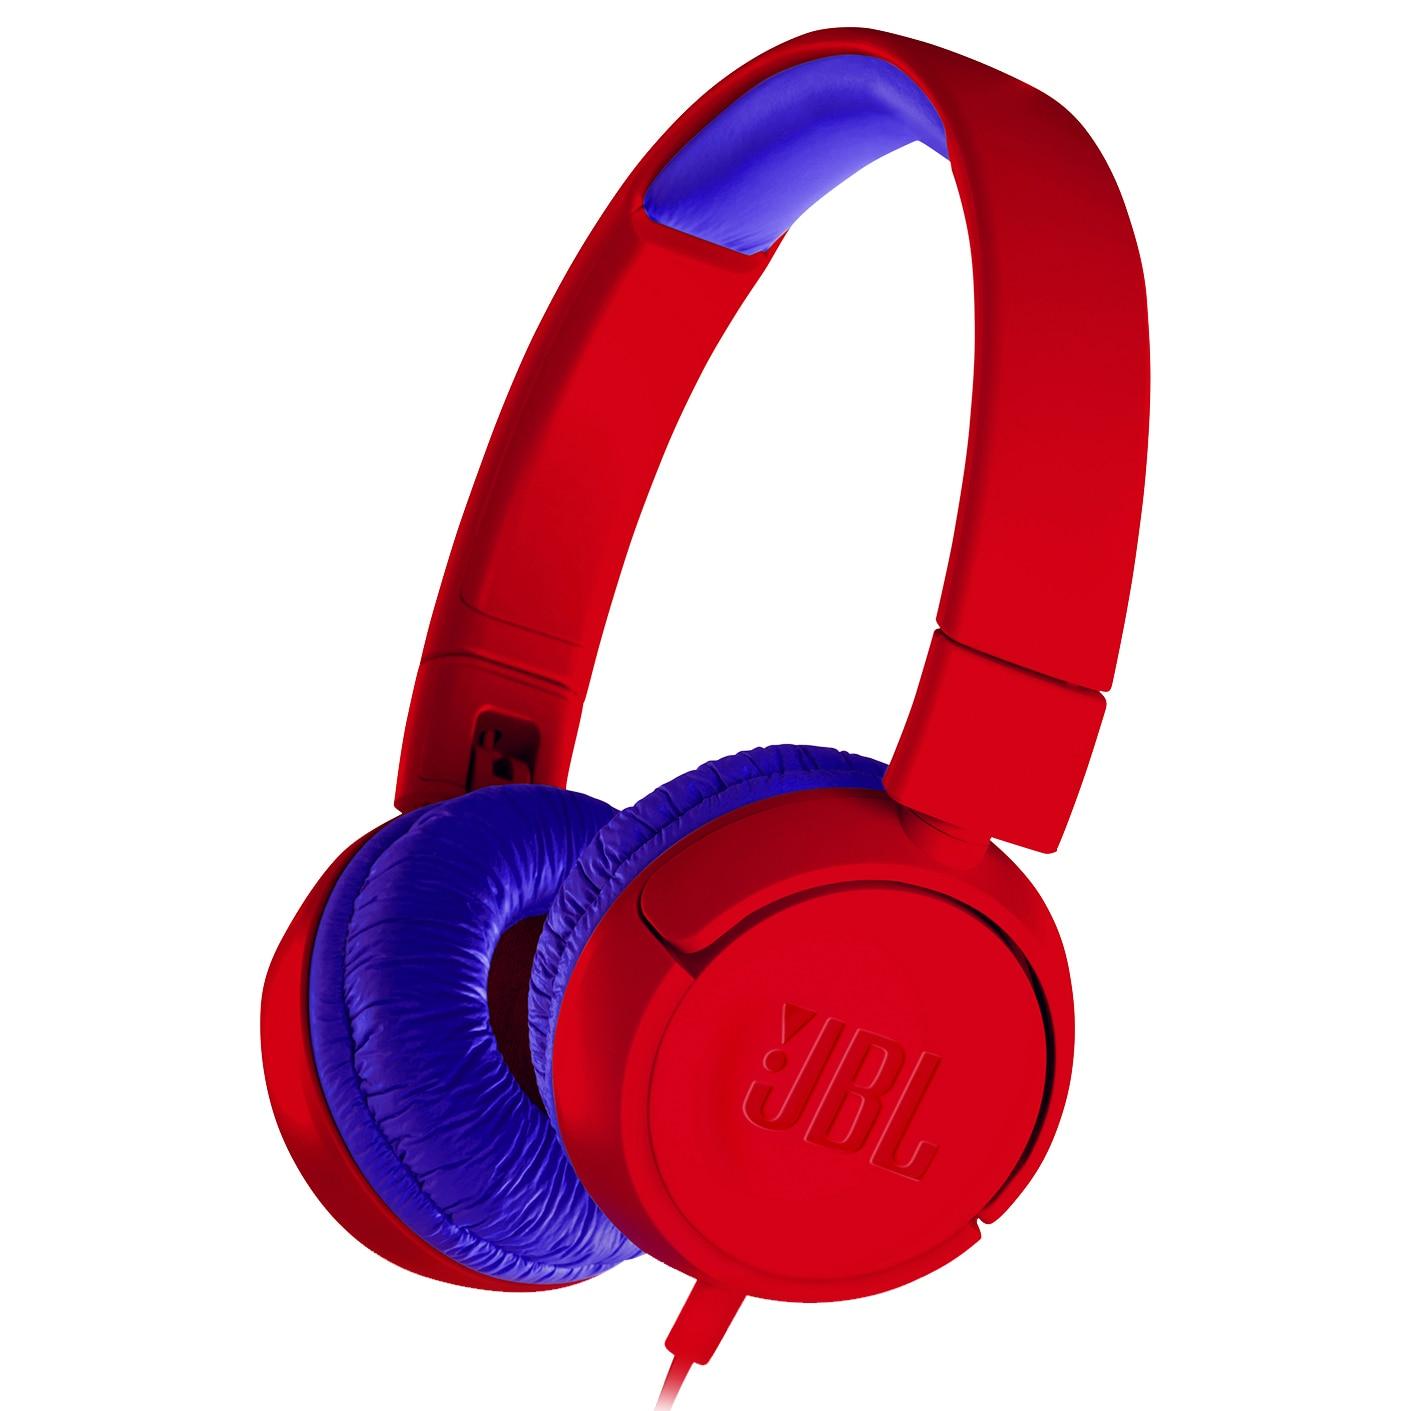 Fotografie Casti audio pentru copii JBL JR300, rosu